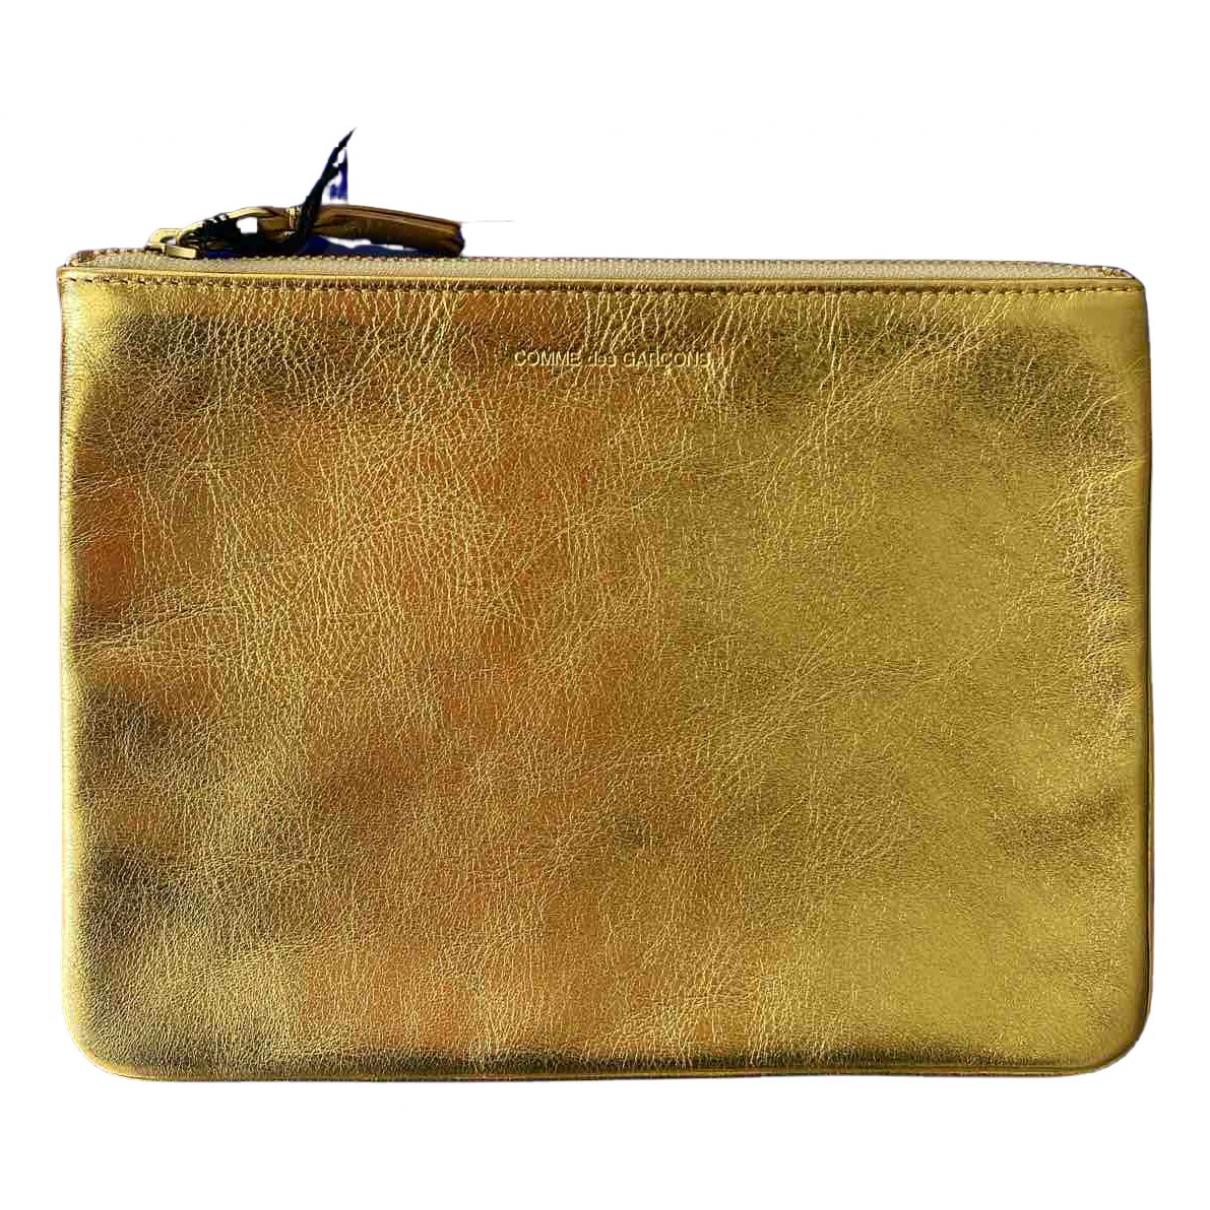 Comme Des Garcons \N Clutch in  Gold Leder